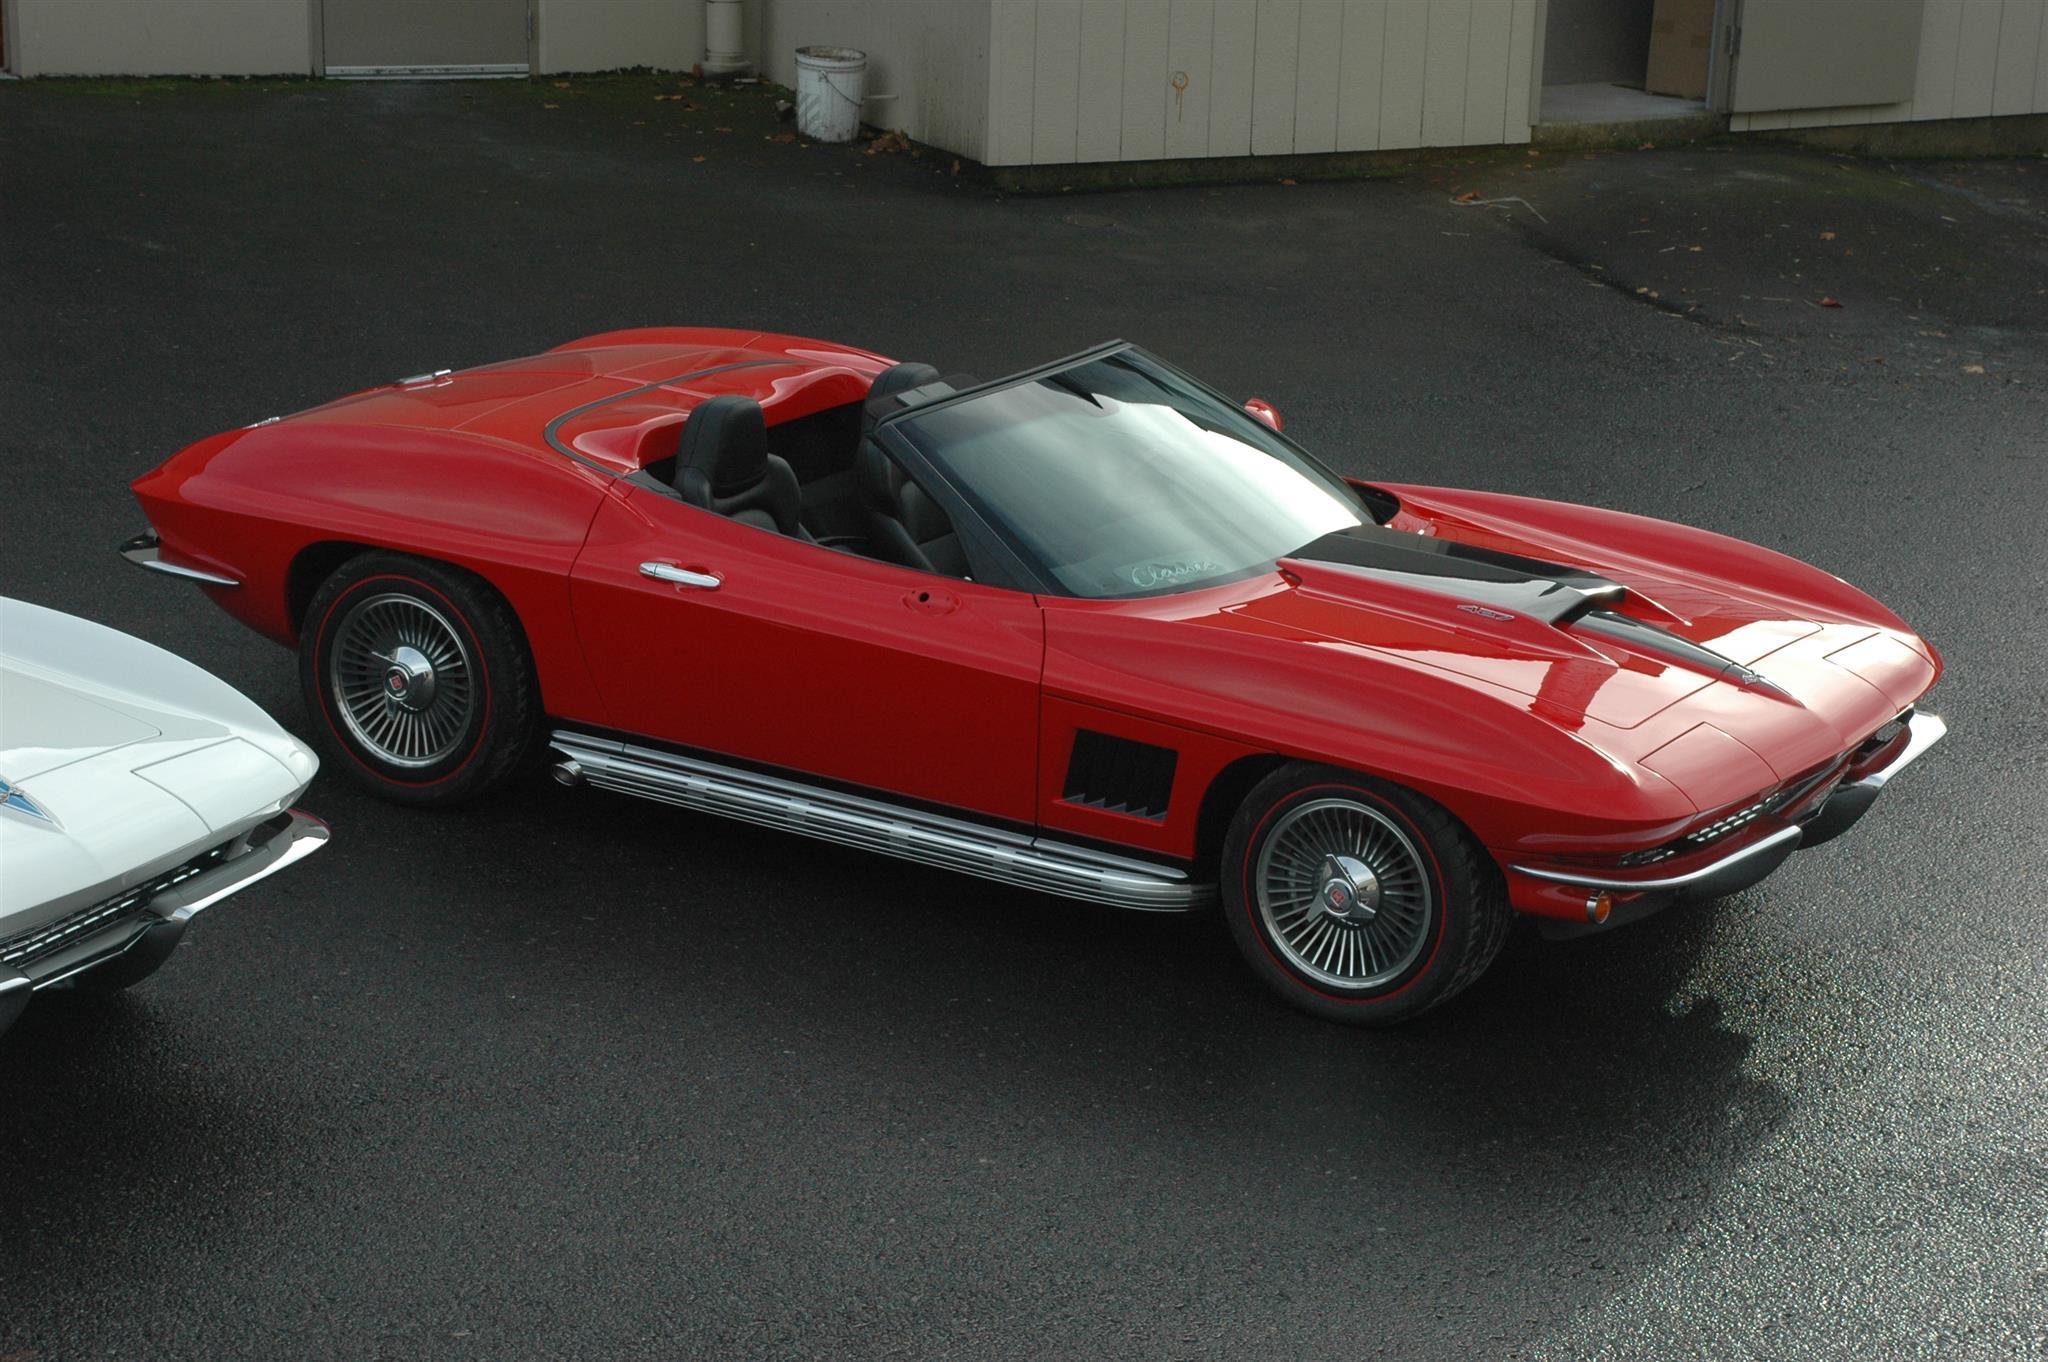 Chevrolet - Corvette - 1967 - Wheels & Tires - Paint -  Wraps & Body